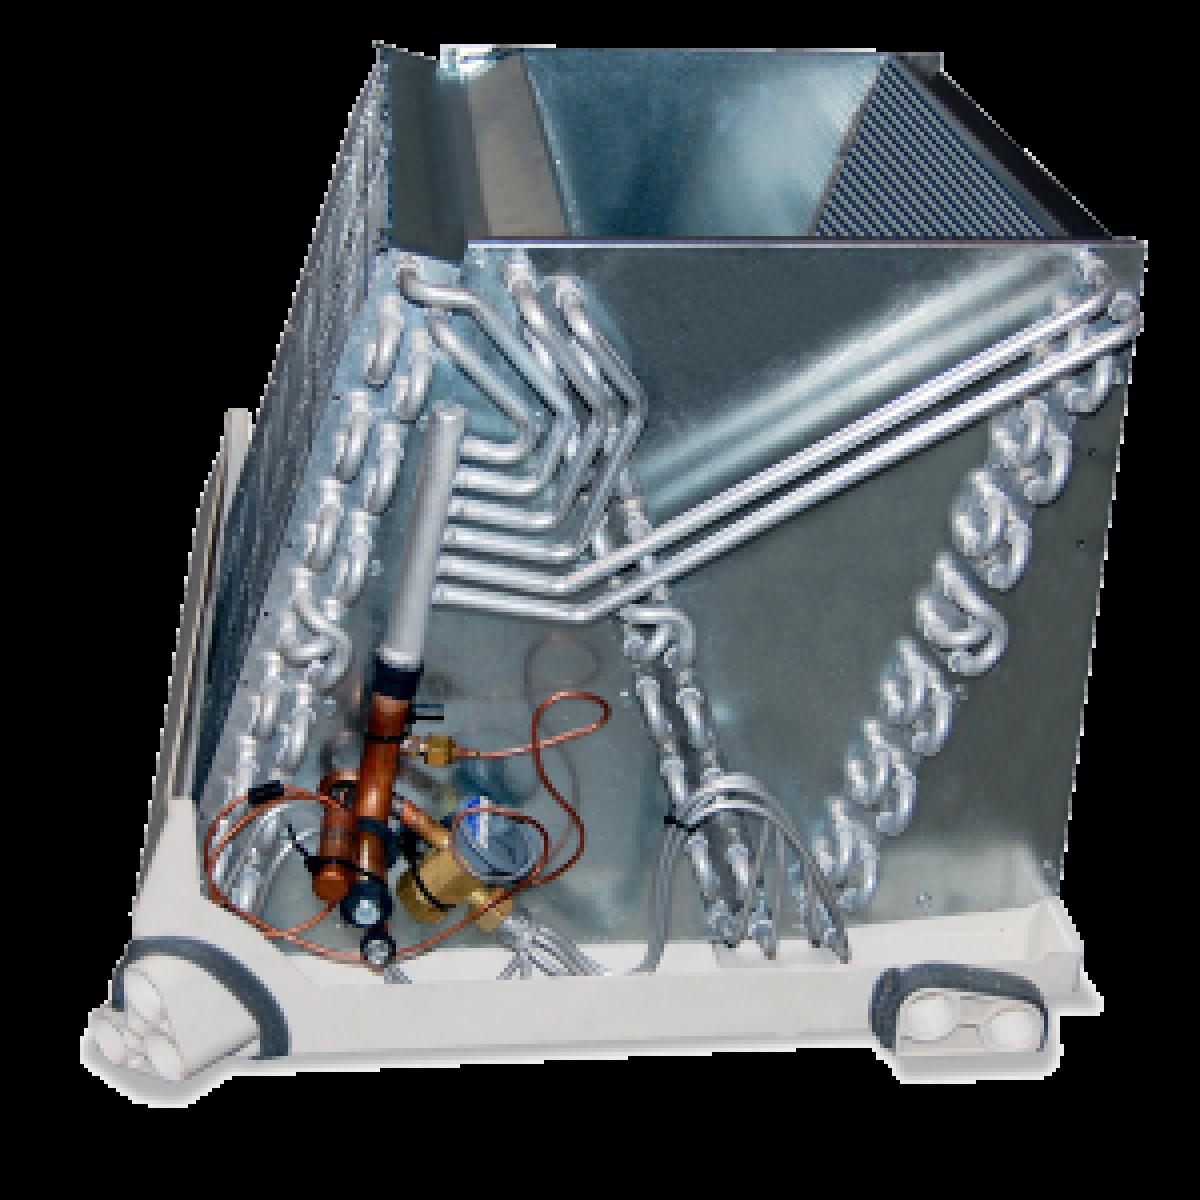 Rheem 5 Ton 21 Quot Rcf Series Evaporator Cased Coil 3 5 Ton